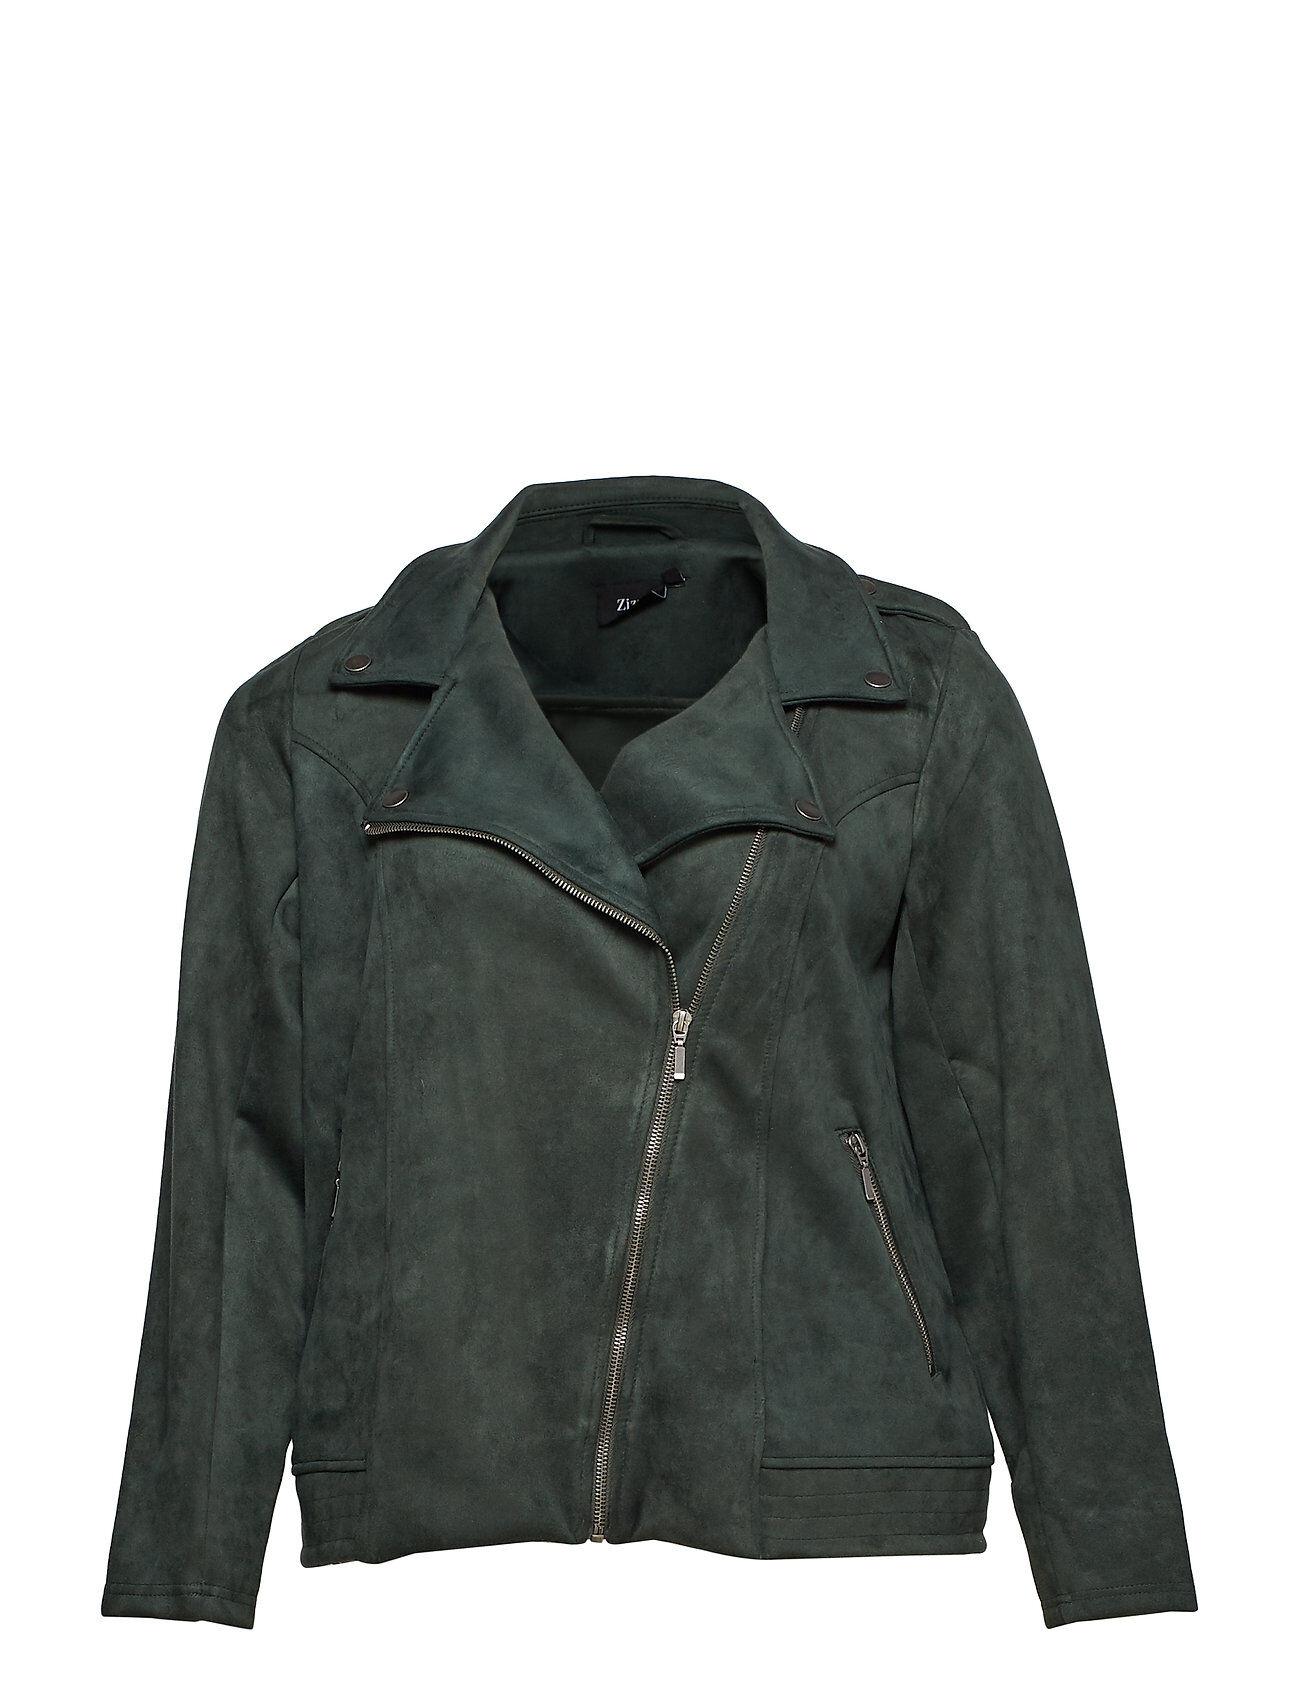 Zizzi Esussy, L/S, Jacket